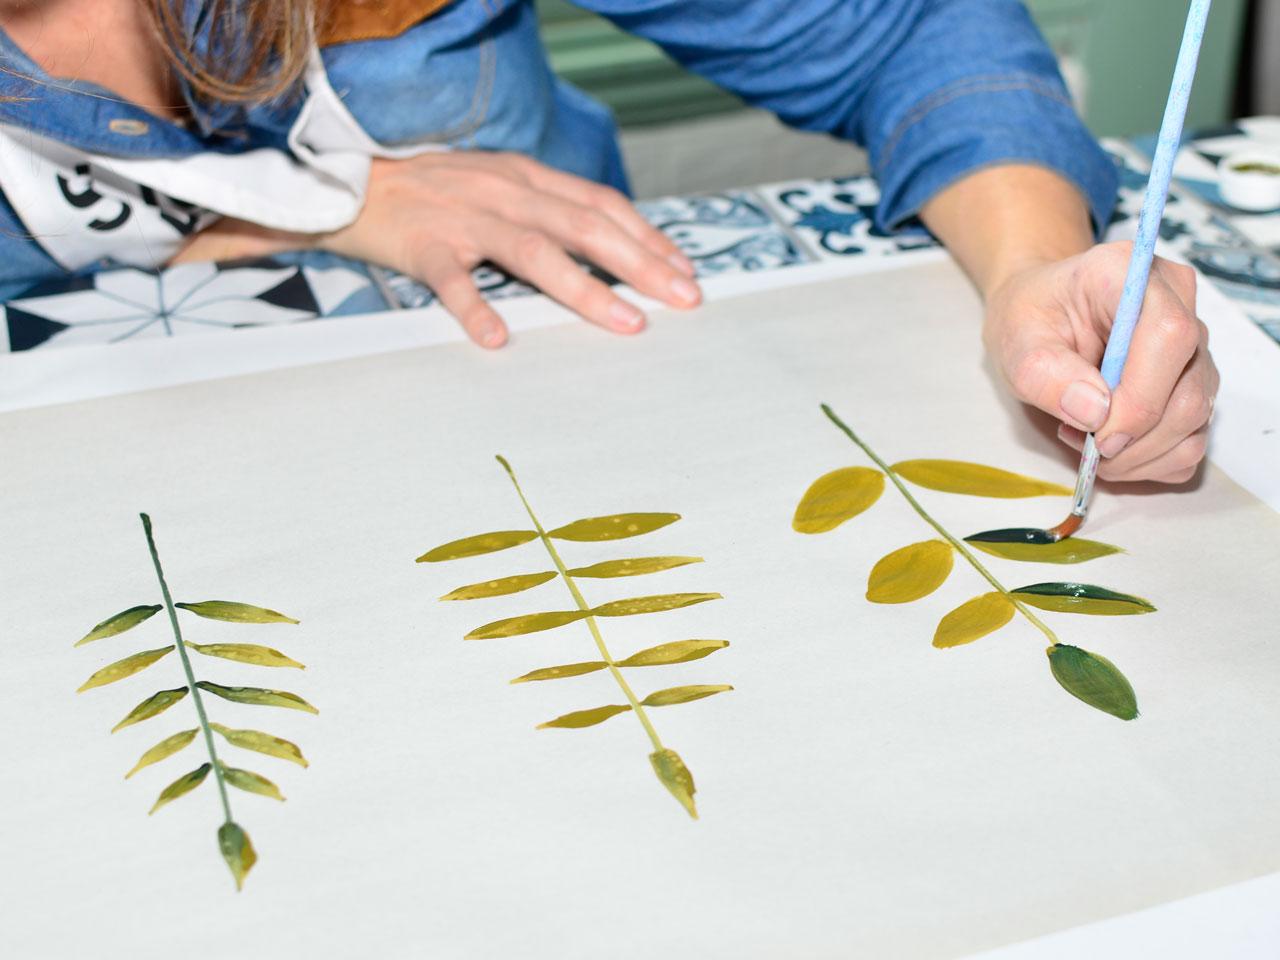 3- Las hojas podés hacerlas con el mismo pincel y la doble carga de verdes o usar un pincel común embebido en uno de los tonos.